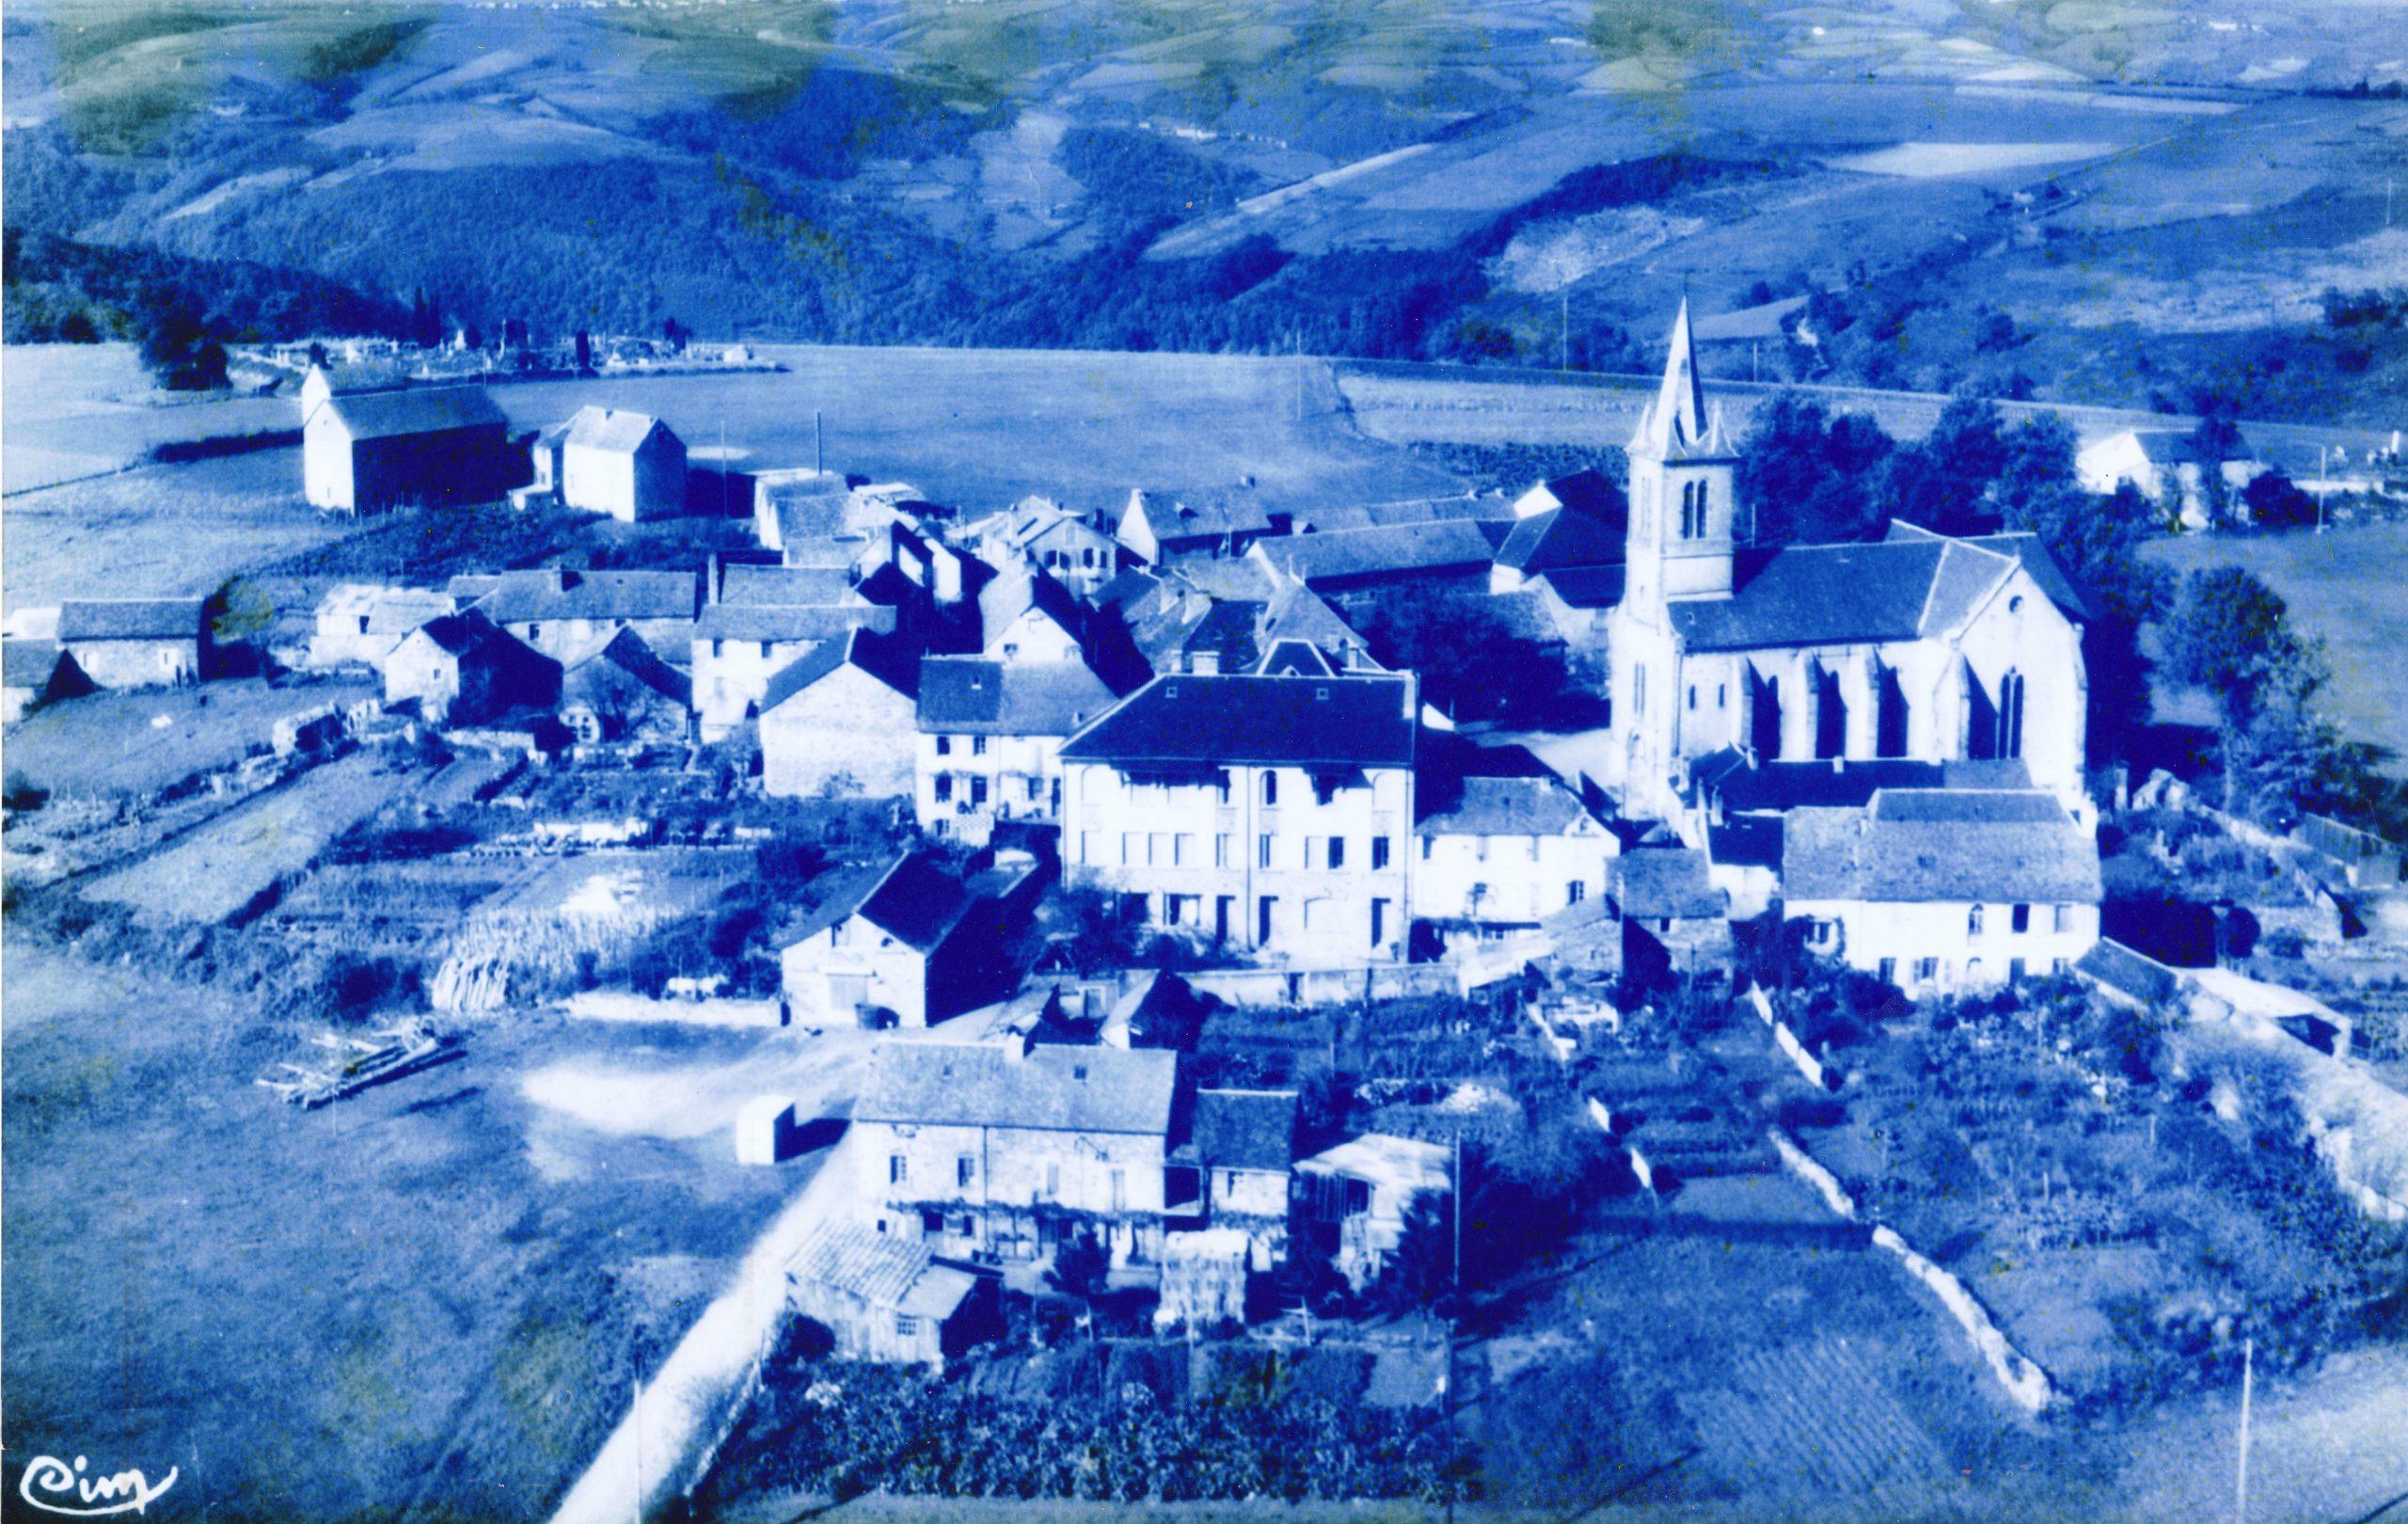 Vue aérienne du village de Brasc